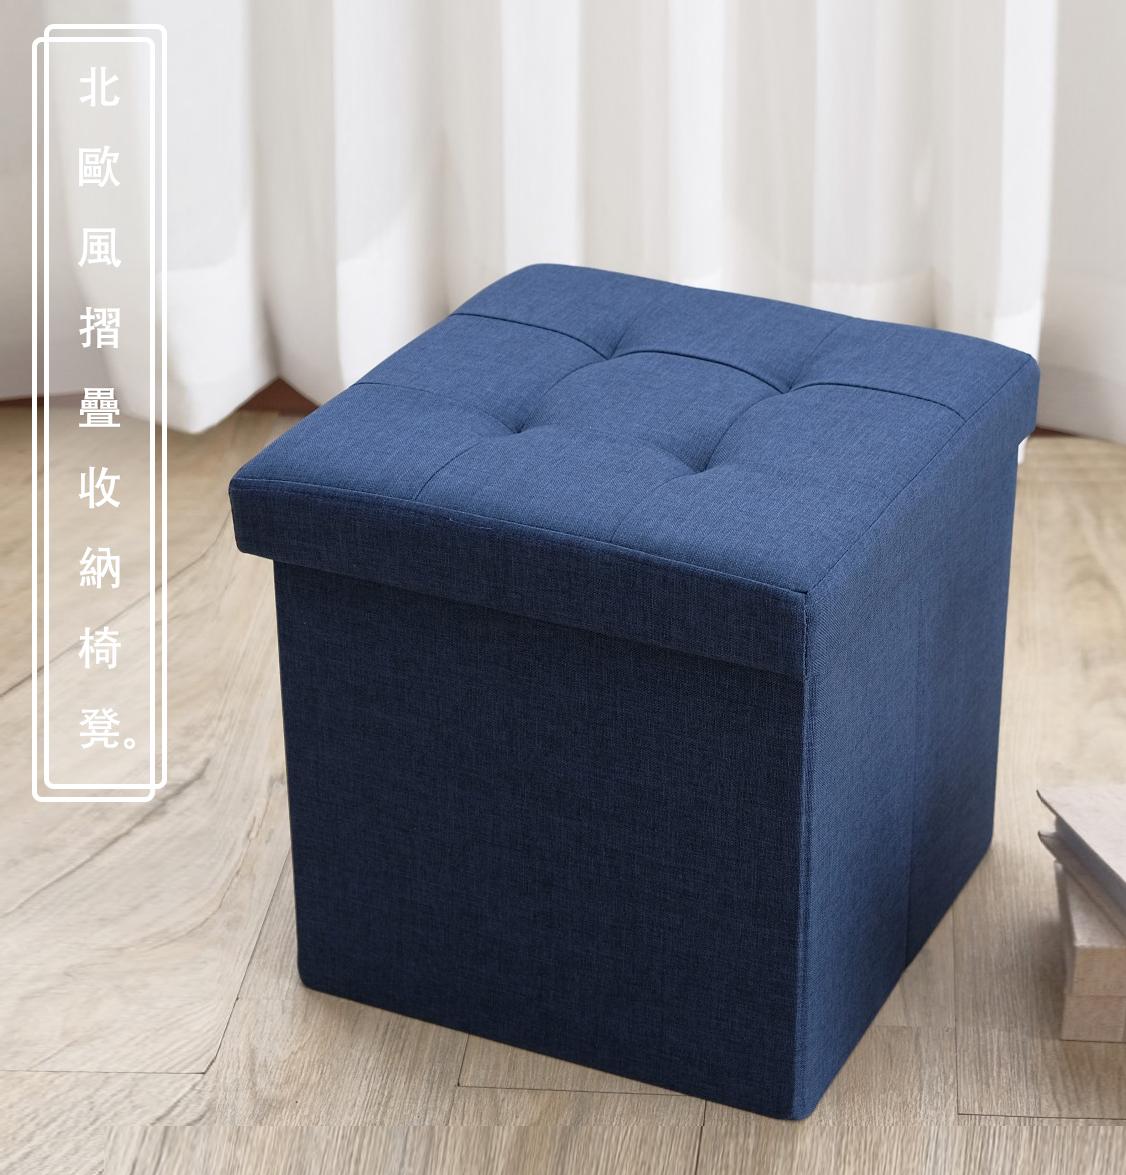 收納收納椅掀蓋椅凳6390北歐風加大可摺疊收納椅凳3色